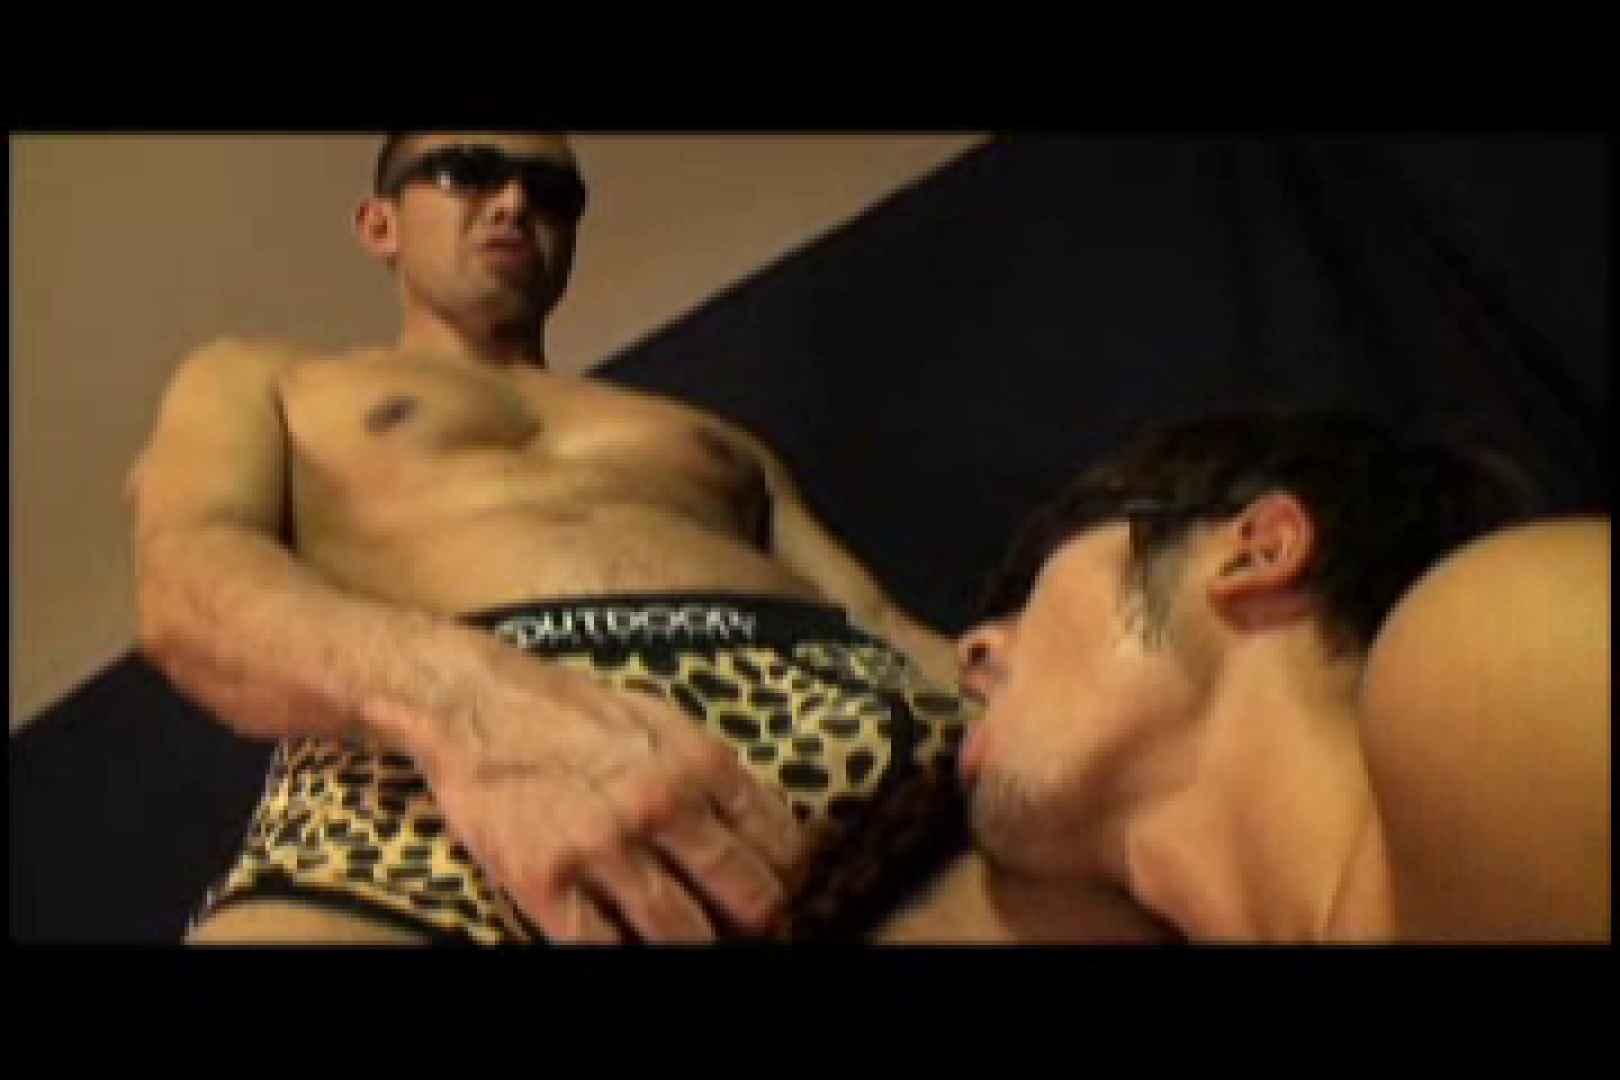 スジ筋ガチムチゴーグルマンvol7 ゴーグルマン   男同士のセックス  70画像 13